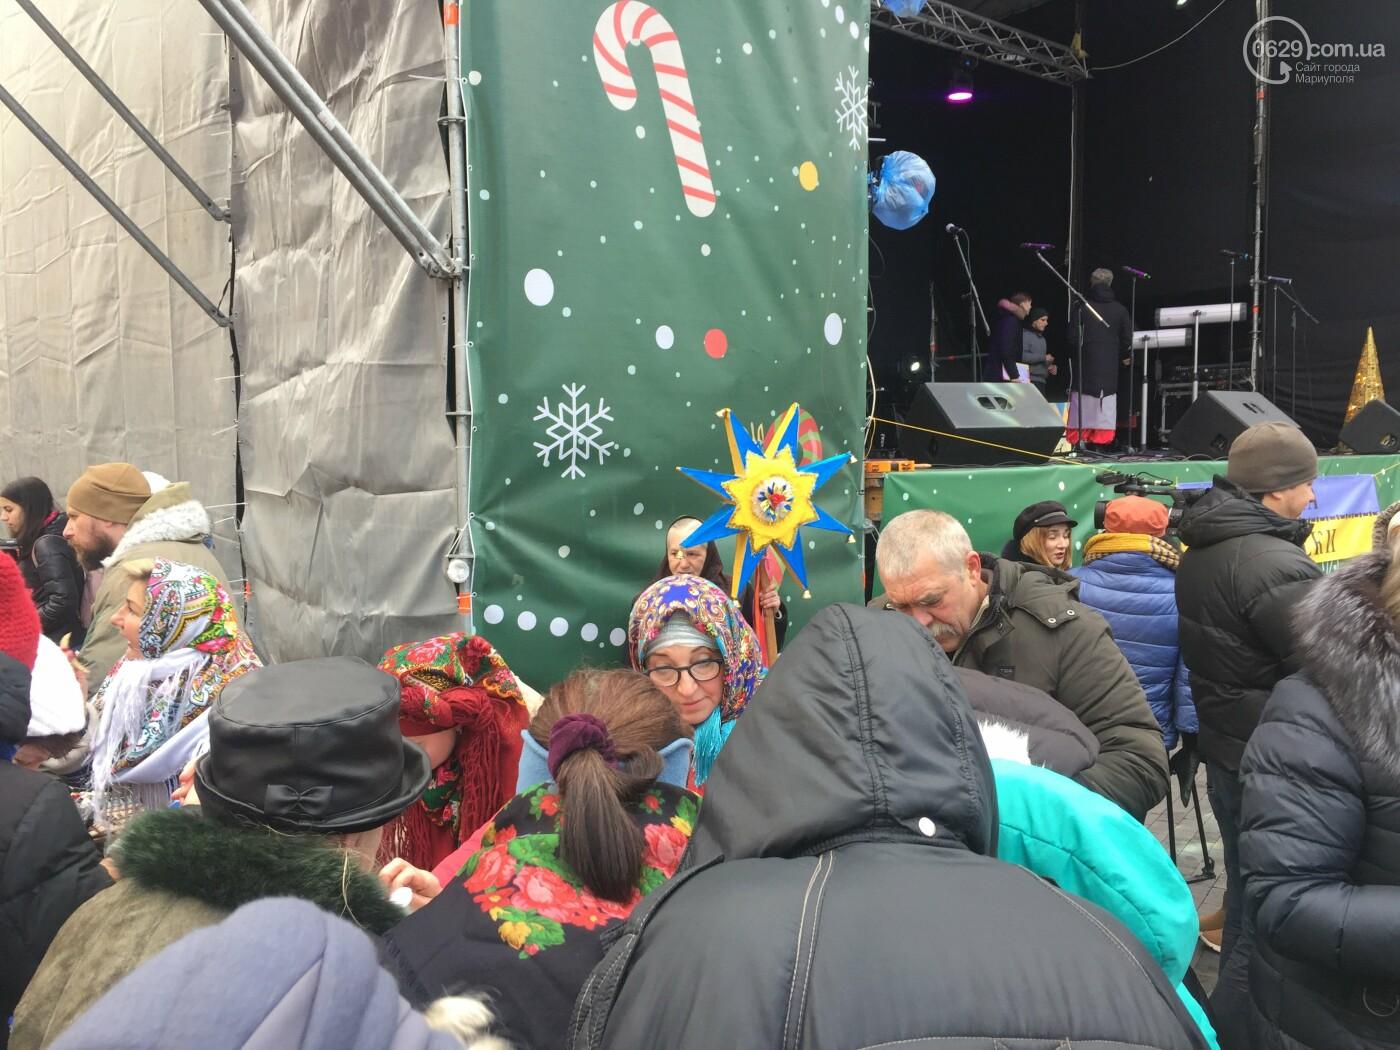 В Мариуполе прошёл первый фестиваль колядок, фото-1